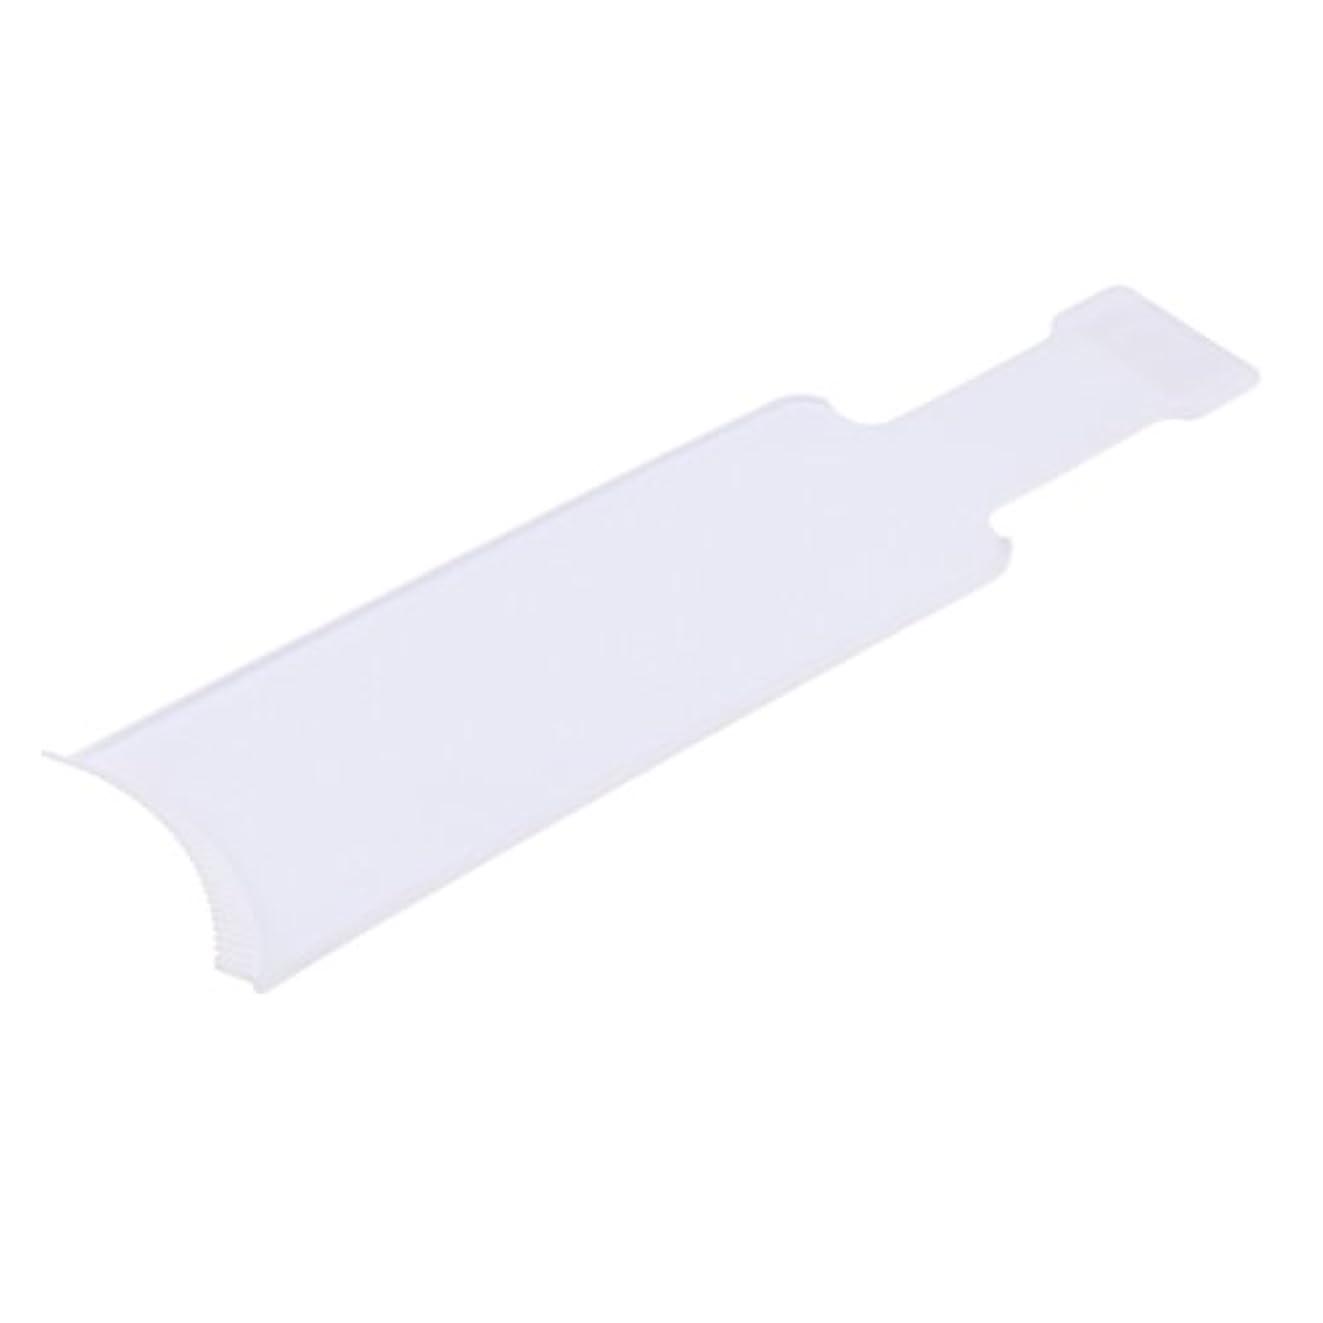 迫害充実ダイジェスト染色櫛プレート 着色ボード 染めボード ヘアカラー ヘアブラシ 便利 おしゃれ染 2サイズ2色選べる - 白, L